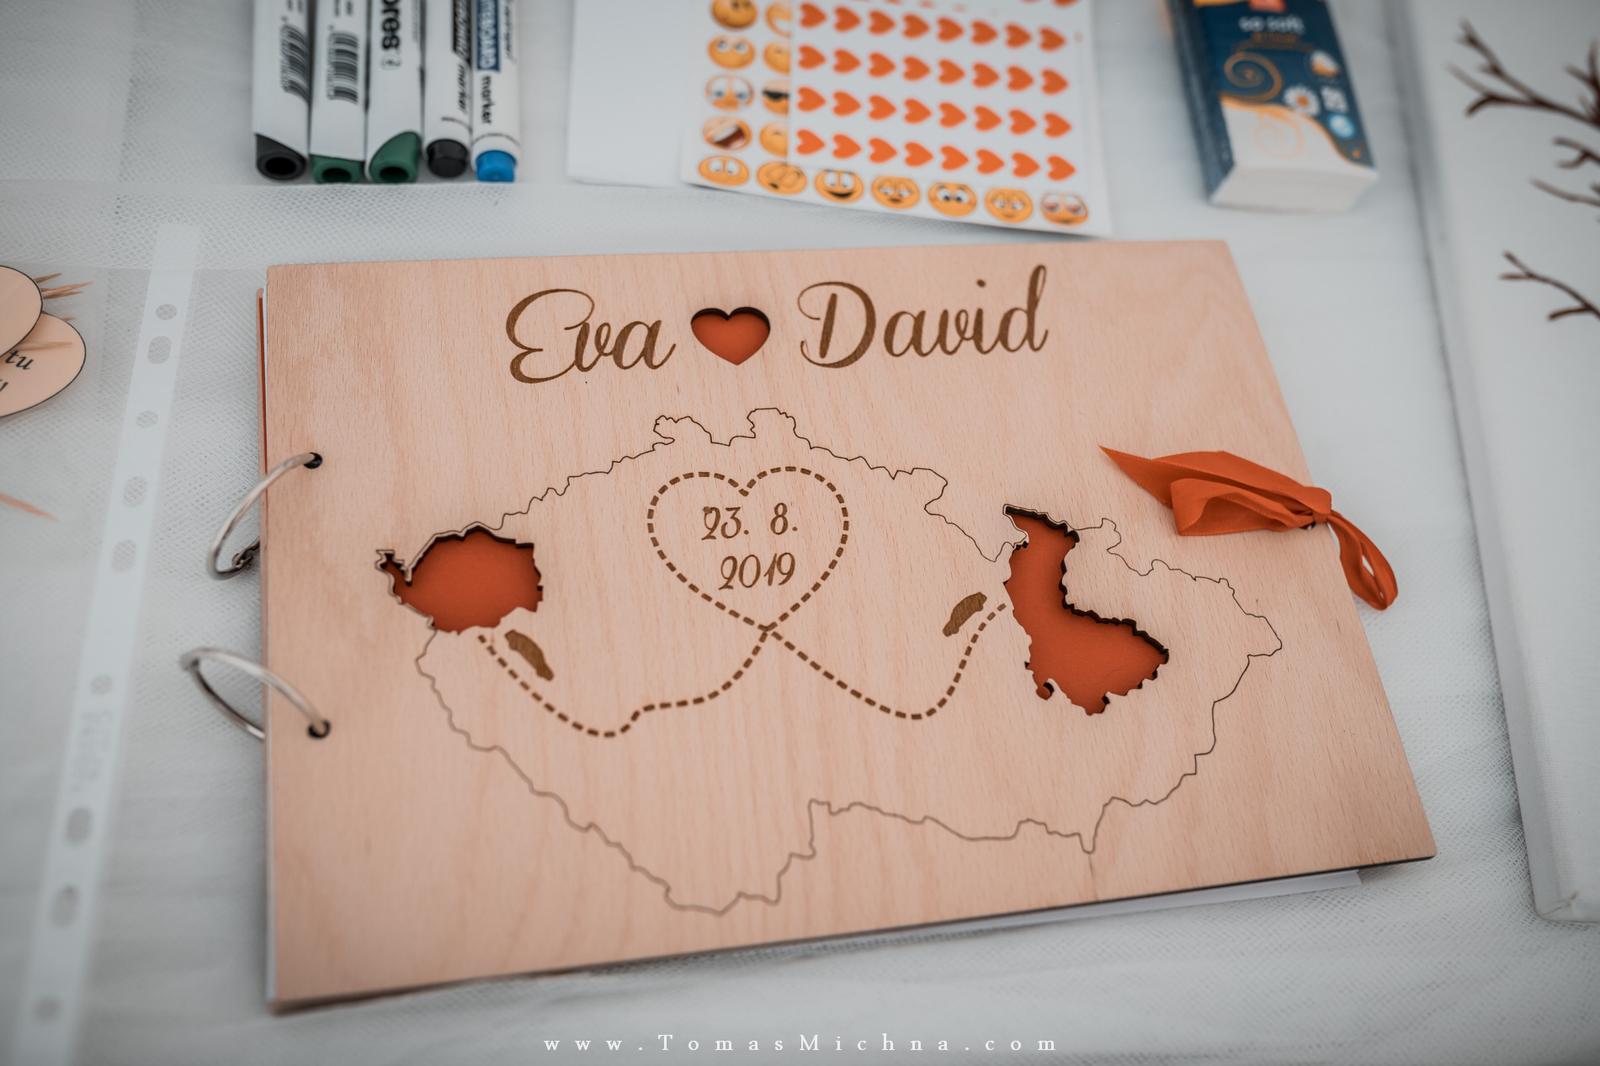 ♥ Eva & David ♥ - Obrázek č. 3